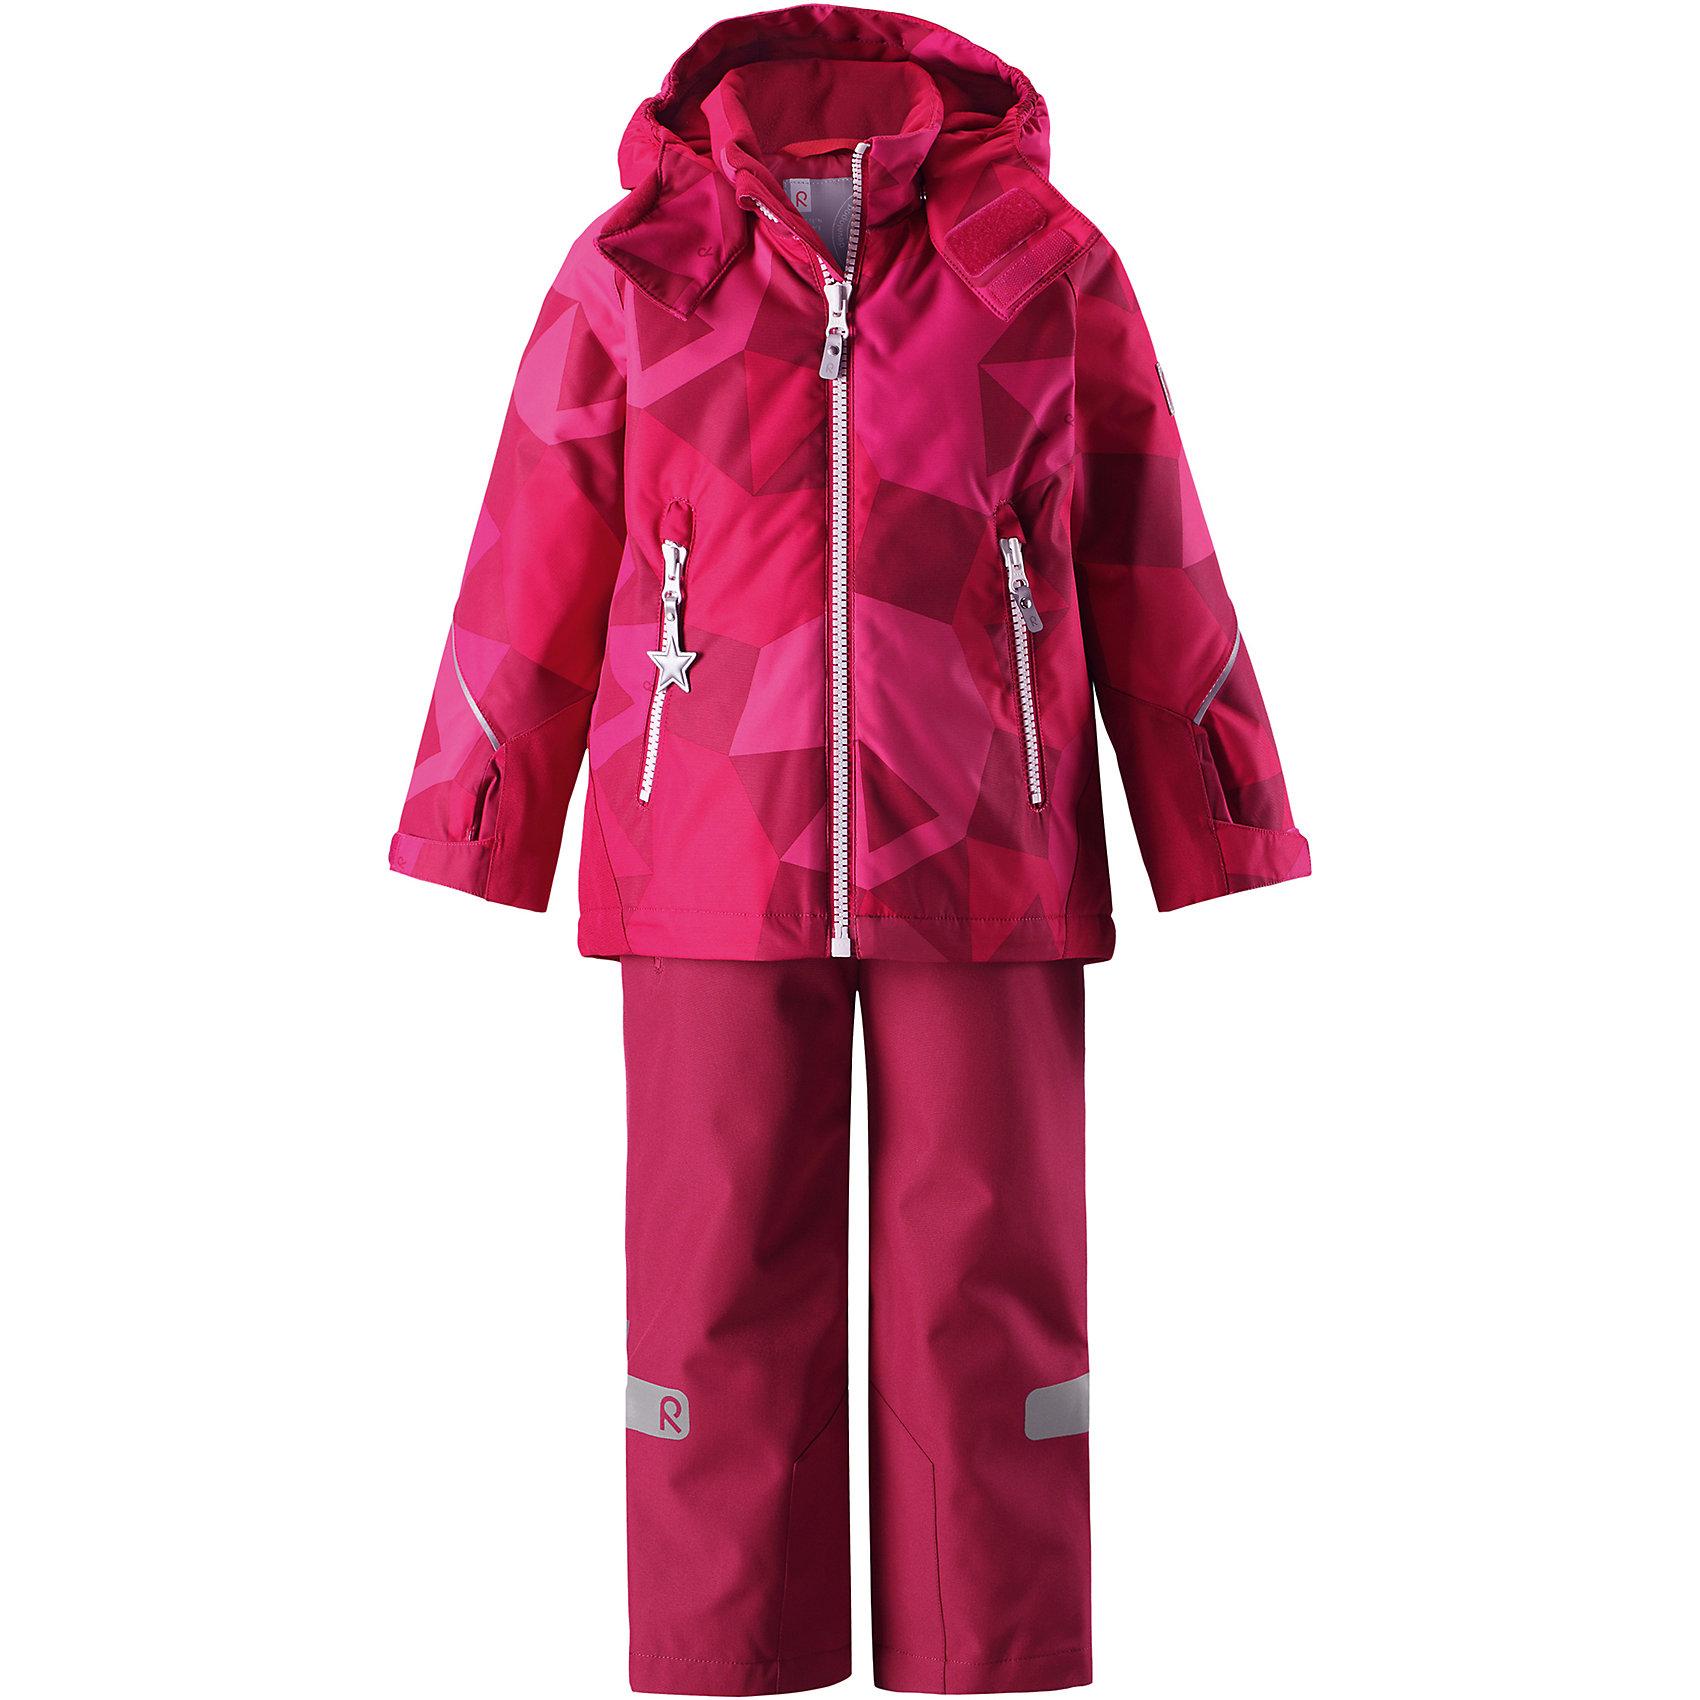 Комплект Reimatec® Reima GraneВерхняя одежда<br>Характеристики товара:<br><br>• цвет: розовый;<br>• состав: 100% полиэстер;<br>• подкладка: 100% полиэстер;<br>• утеплитель: 160 г/м2;<br>• температурный режим: от 0 до -20С;<br>• сезон: зима; <br>• водонепроницаемость: 8000/10000 мм;<br>• воздухопроницаемость: 7000/5000 мм;<br>• износостойкость: 30000/50000 циклов (тест Мартиндейла);<br>• водо- и ветронепроницаемый, дышащий и грязеотталкивающий материал;<br>• все швы проклеены и водонепроницаемы;<br>• куртка на молнии с защитой подбородка, брюки с ширинкой на молнии и пуговицей;<br>• прочные усиленные вставки на рукавах и спинке;<br>• безопасный съемный капюшон;<br>• регулируемые манжеты на липучке;<br>• регулируемый подол;<br>• снегозащитные манжеты на штанинах;<br>• регулируемые и отстегивающиеся эластичные подтяжки;<br>• карманы на молнии;<br>• светоотражающие детали;<br>• страна бренда: Финляндия;<br>• страна изготовитель: Китай.<br><br>Сверхпрочный детский зимний комплект Reimatec ® Kiddo. Функциональная куртка Reimatec ® Kiddo изготовлена из износостойкого, дышащего, водо и ветронепроницаемого материала с водо и грязеотталкивающей поверхностью. Все швы проклеены, водонепроницаемы. Рукава и спинка снабжены прочными усилениями, которые защищают участки, больше всего подверженные износу во время подвижных игр и катания на санках. <br><br>У этой модели прямой покрой с регулируемой талией и подолом, так что силуэт можно сделать более облегающим. Концы рукавов тоже регулируются застежкой на липучке, как раз под ширину перчаток. Съемный капюшон защищает от холодного ветра, а еще обеспечивает дополнительную безопасность во время игр на улице – поскольку он легко отстегнется, если случайно за что-нибудь зацепится. <br><br>По краю капюшона предусмотрен ветроотражатель, который обеспечивает шее дополнительную защиту. В брюках имеется ширинка на молнии, регулируемые и съемные эластичными подтяжками, а также защита от снега на концах брючин. Комплект снабжен гладкой подкладк